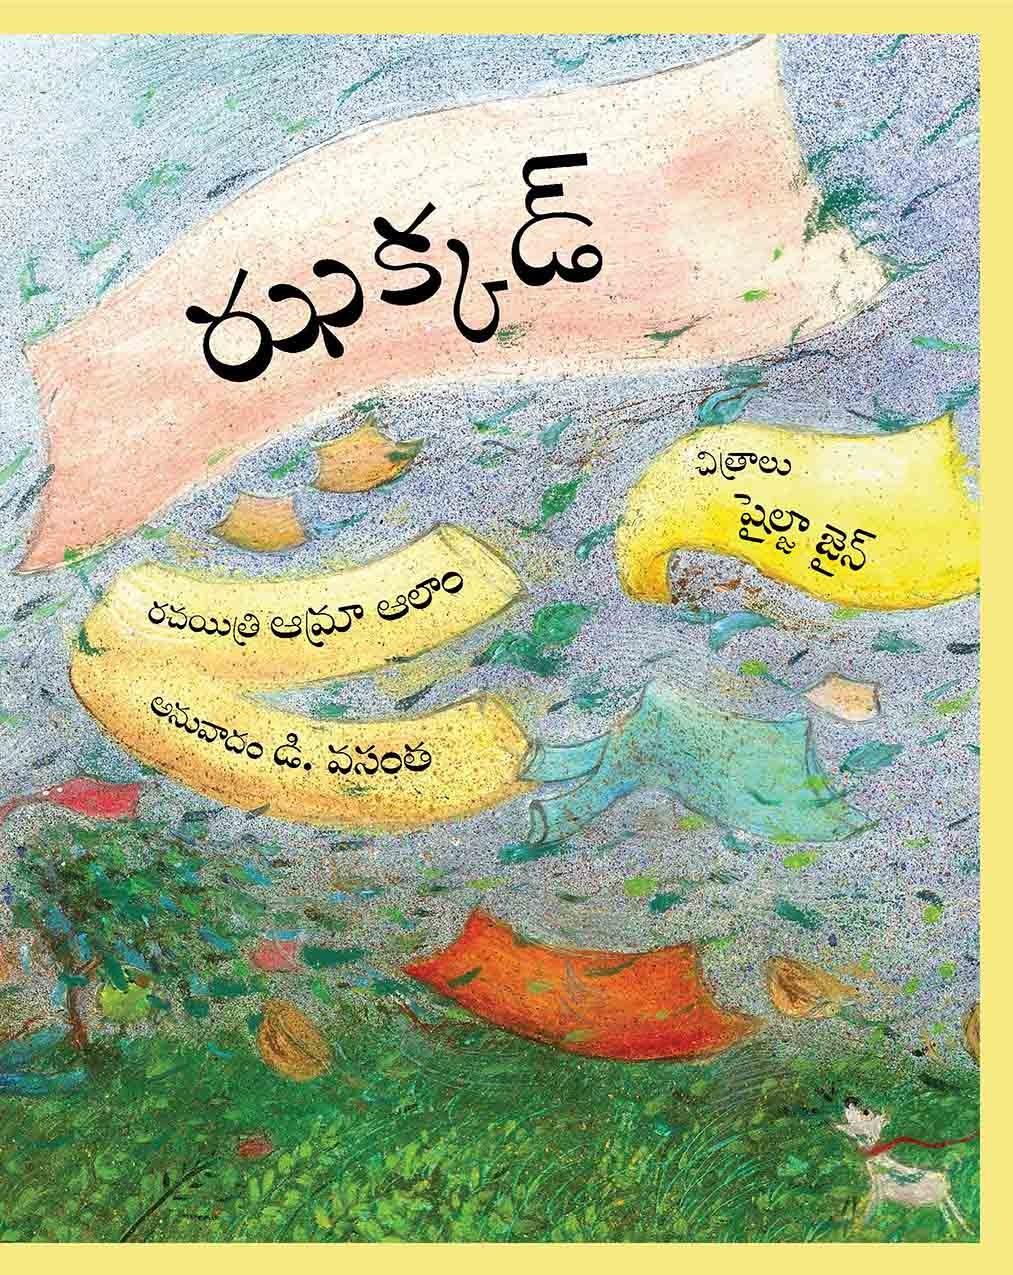 Jhakkad (Telugu)